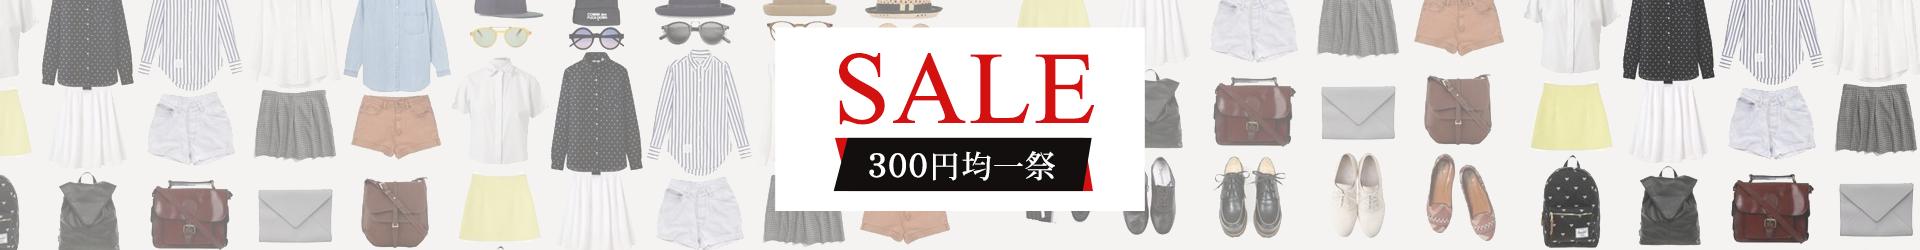 300円均一商品特集